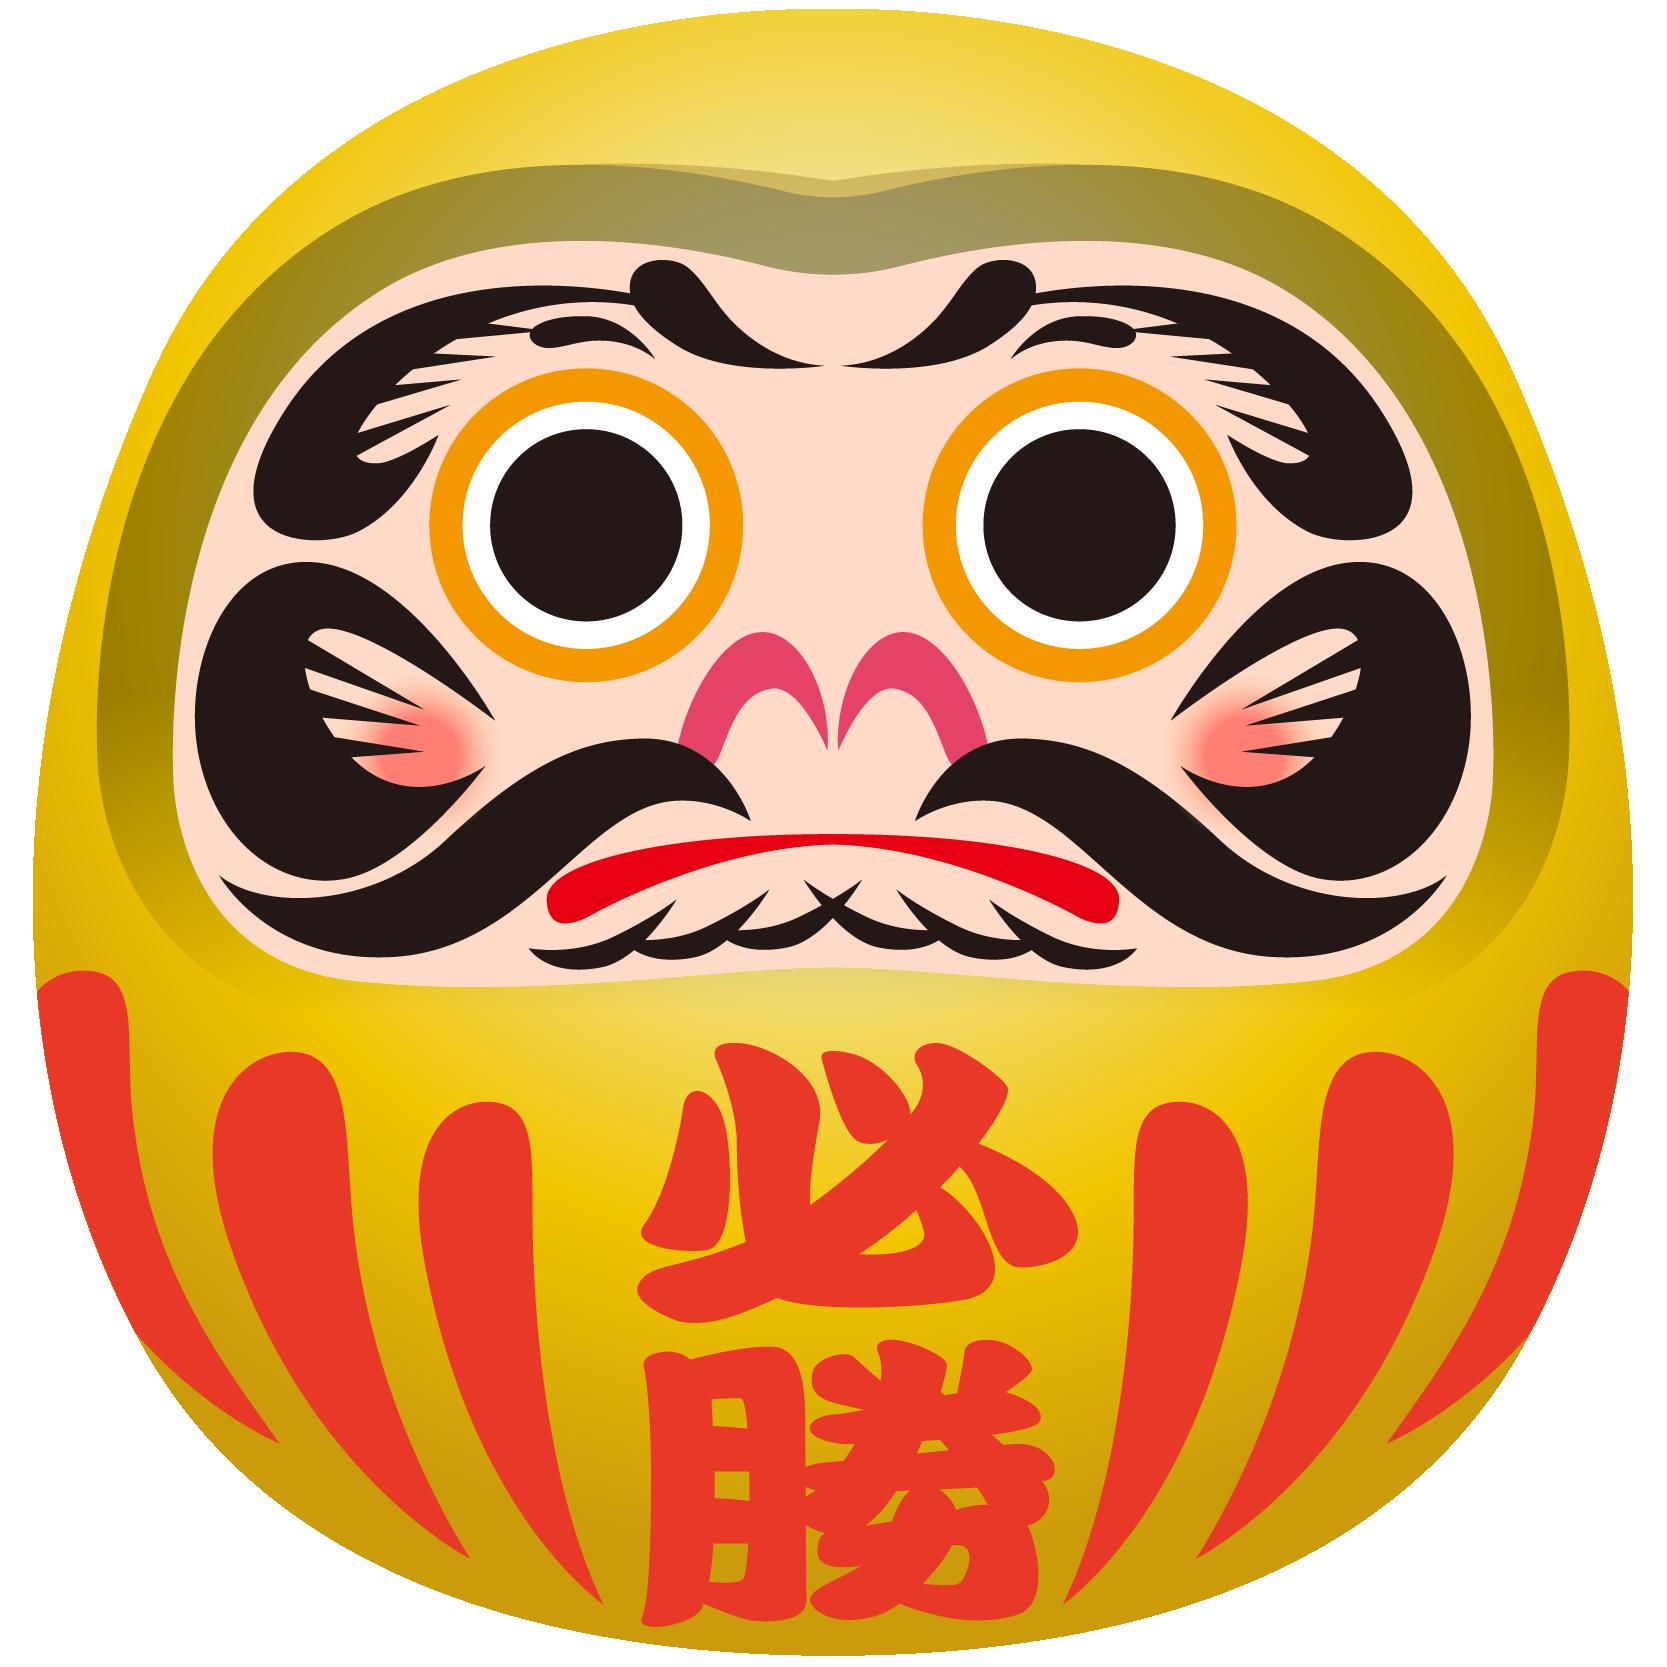 商用フリー・無料イラスト_縁起物_だるま・達磨(金)_「必勝」文字_051